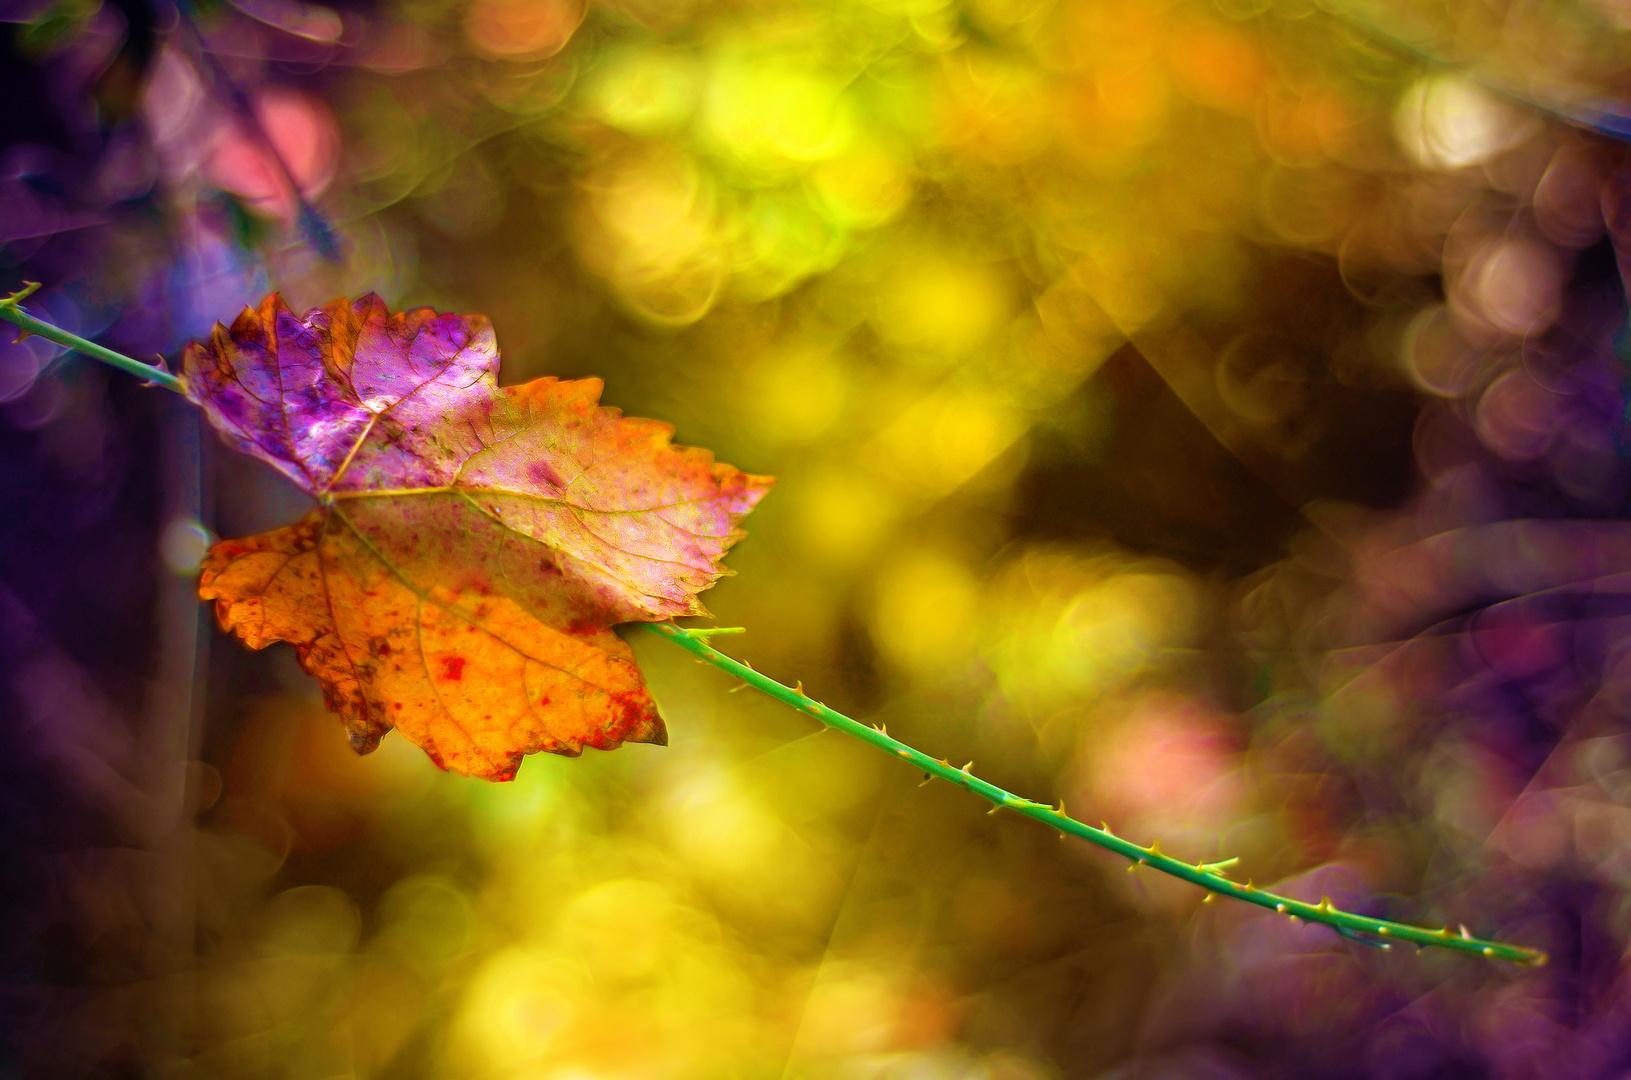 La luz y las hojas de colores.